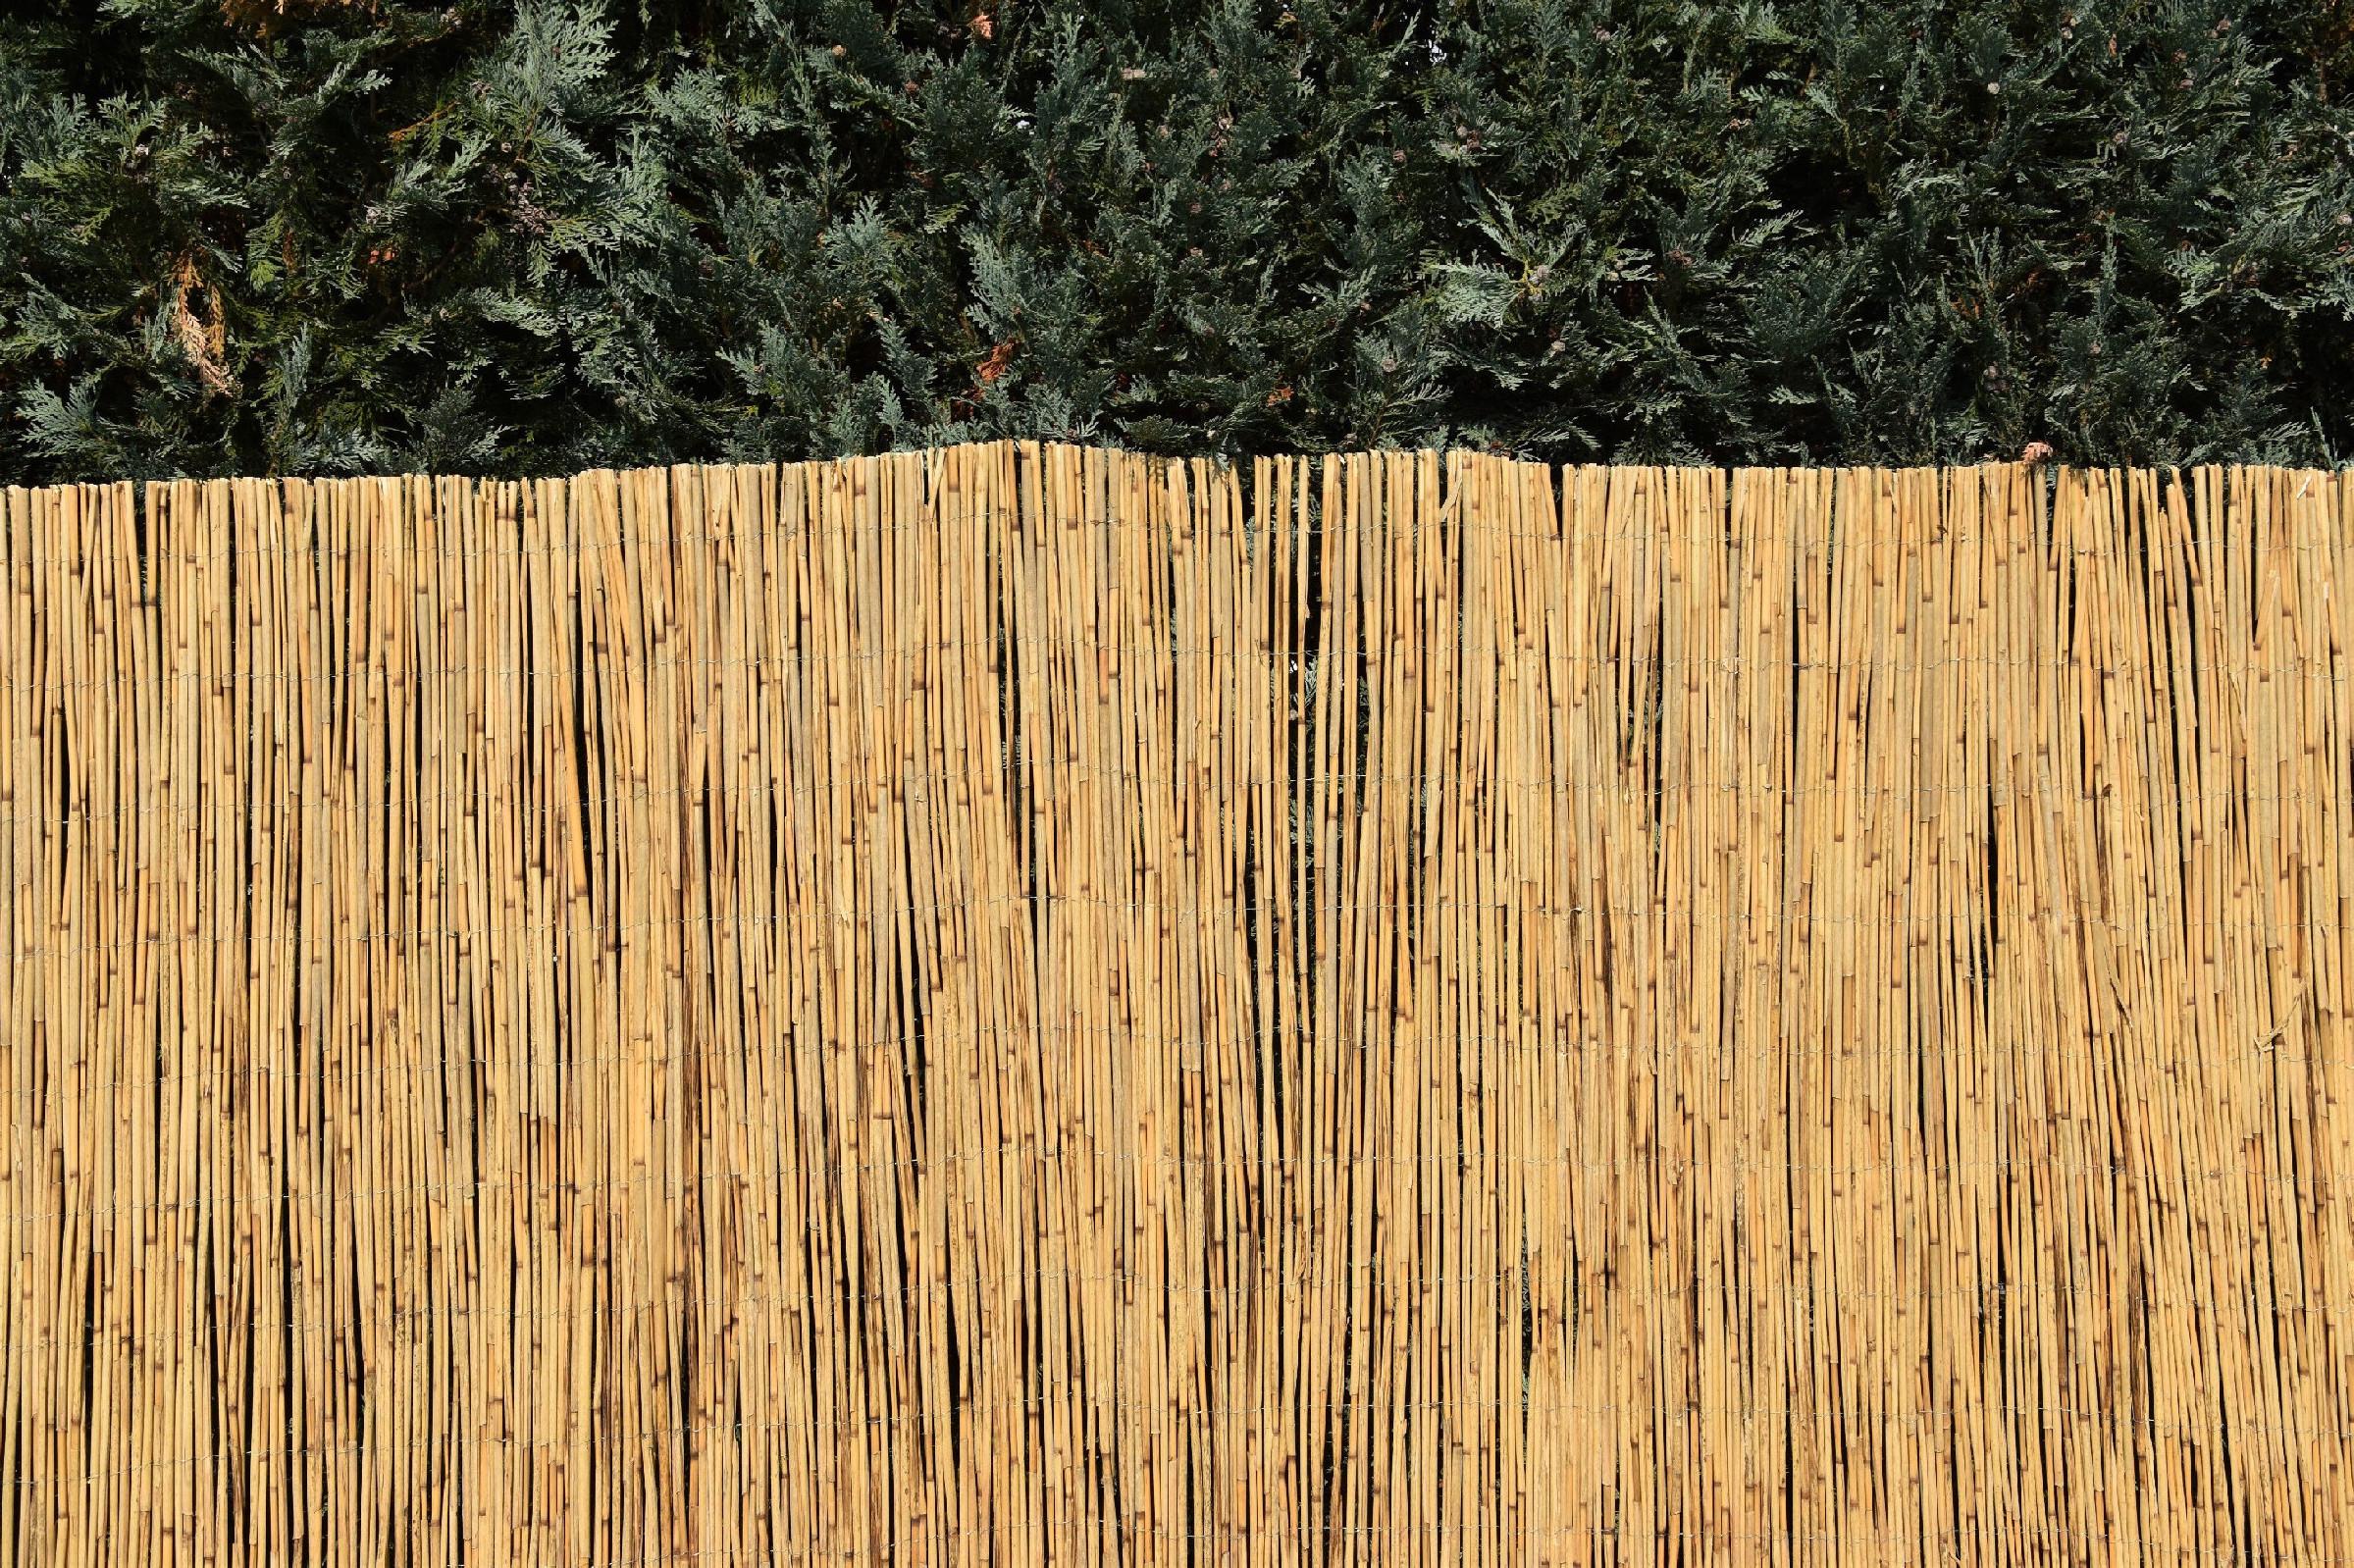 Rákosová zástěna na plot Výška plotu: 100 cm, Délka plotu: 600 cm